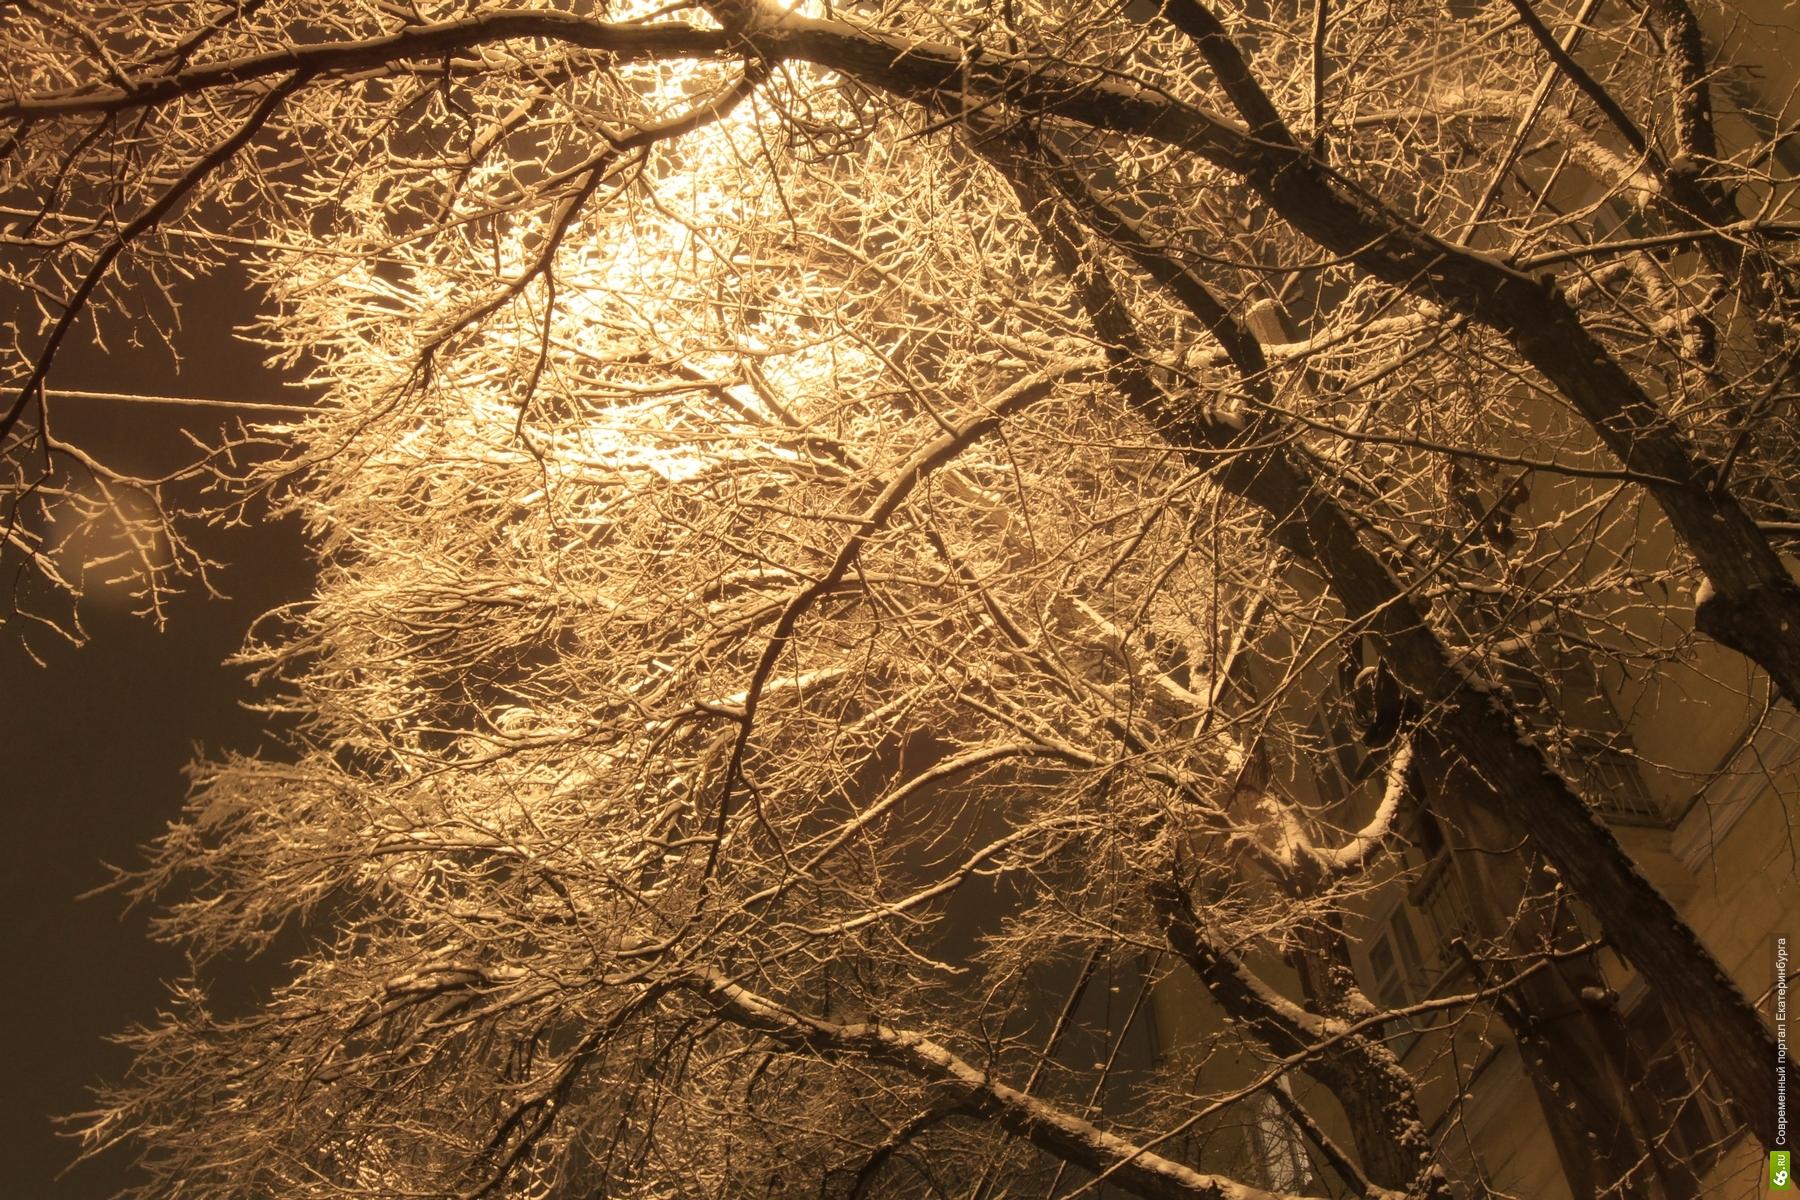 Прогноз погоды на Новый год: Екатеринбург ждет снег